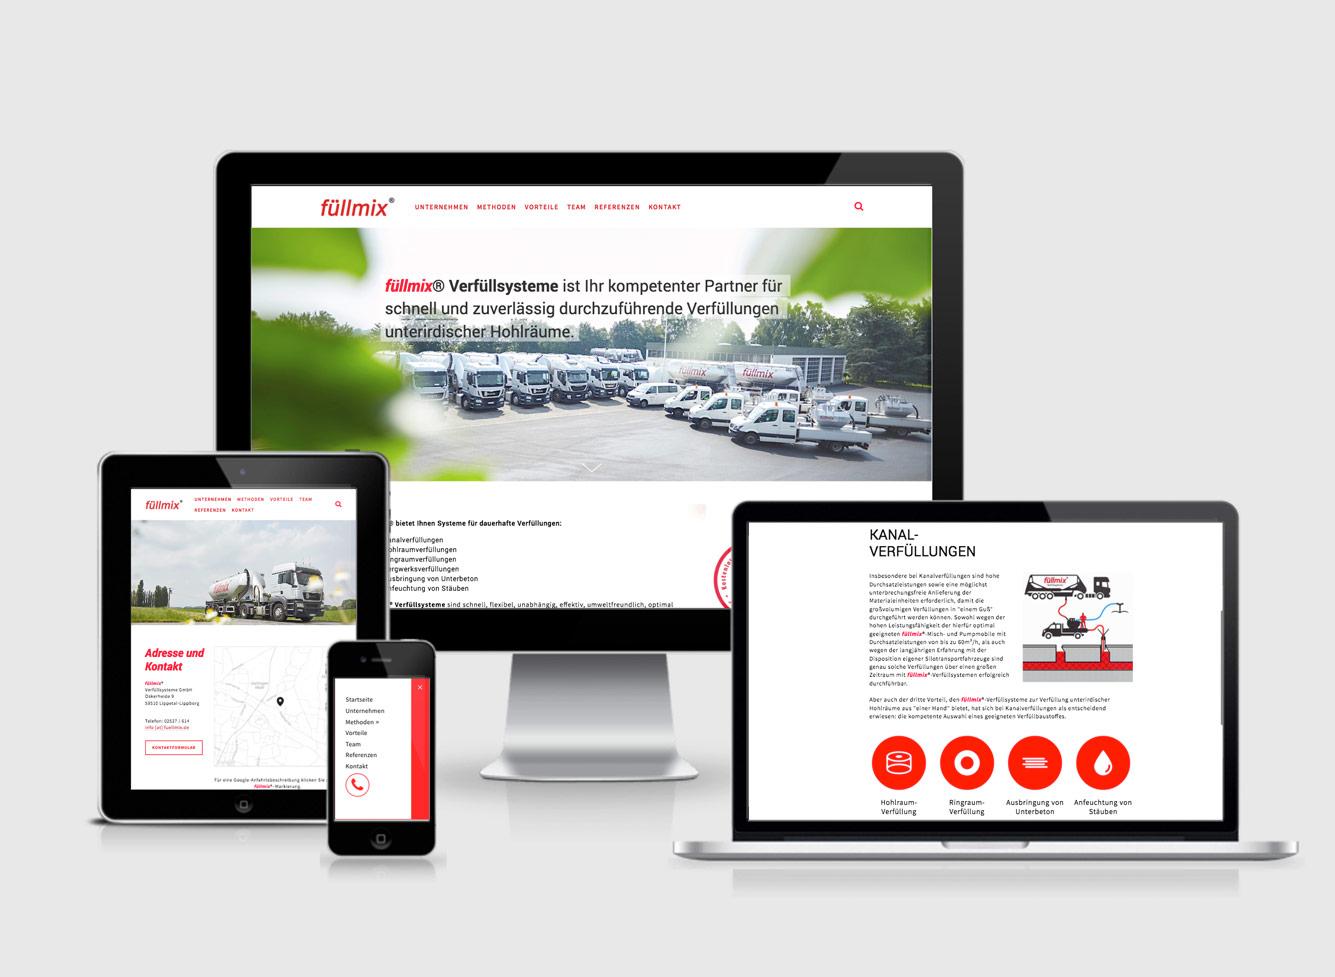 fuellmix-homepage.jpg